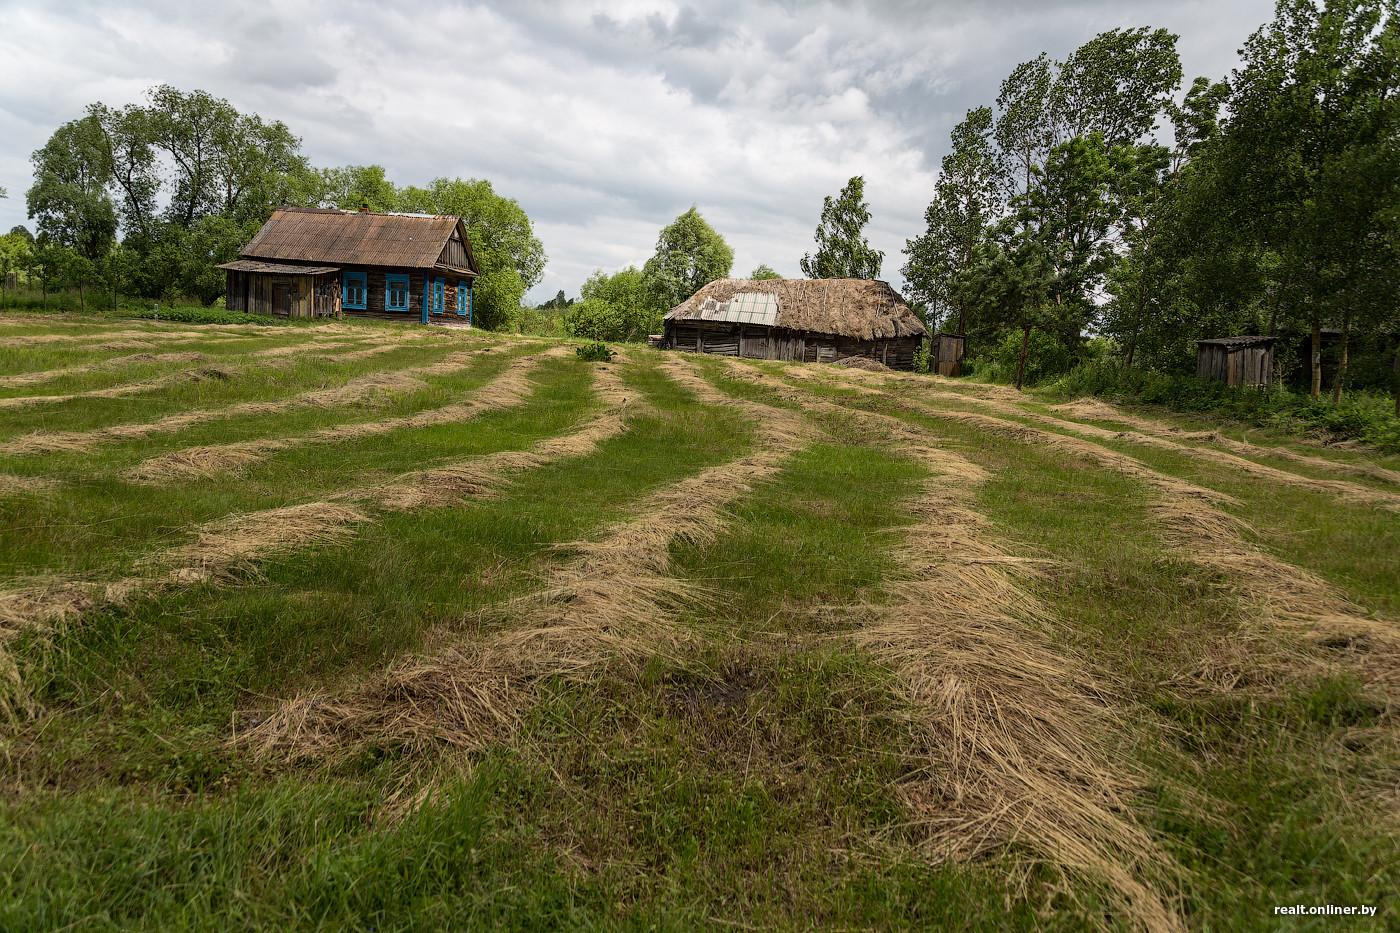 Белорусские деревни фото